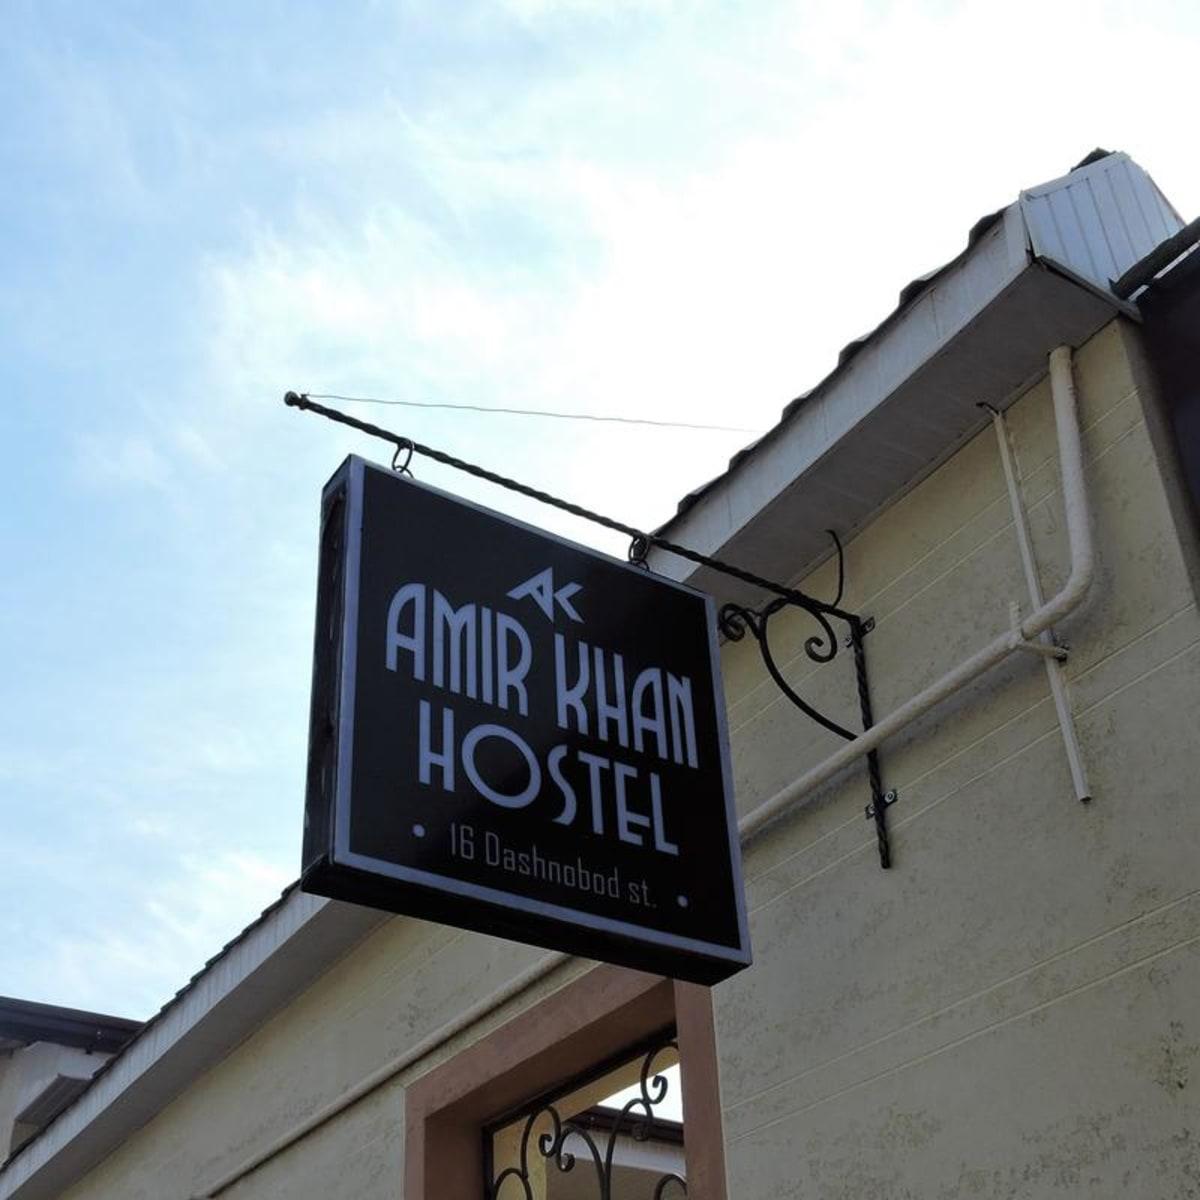 Amir Khan Hostel, Tashkent, Uzbekistan hostel